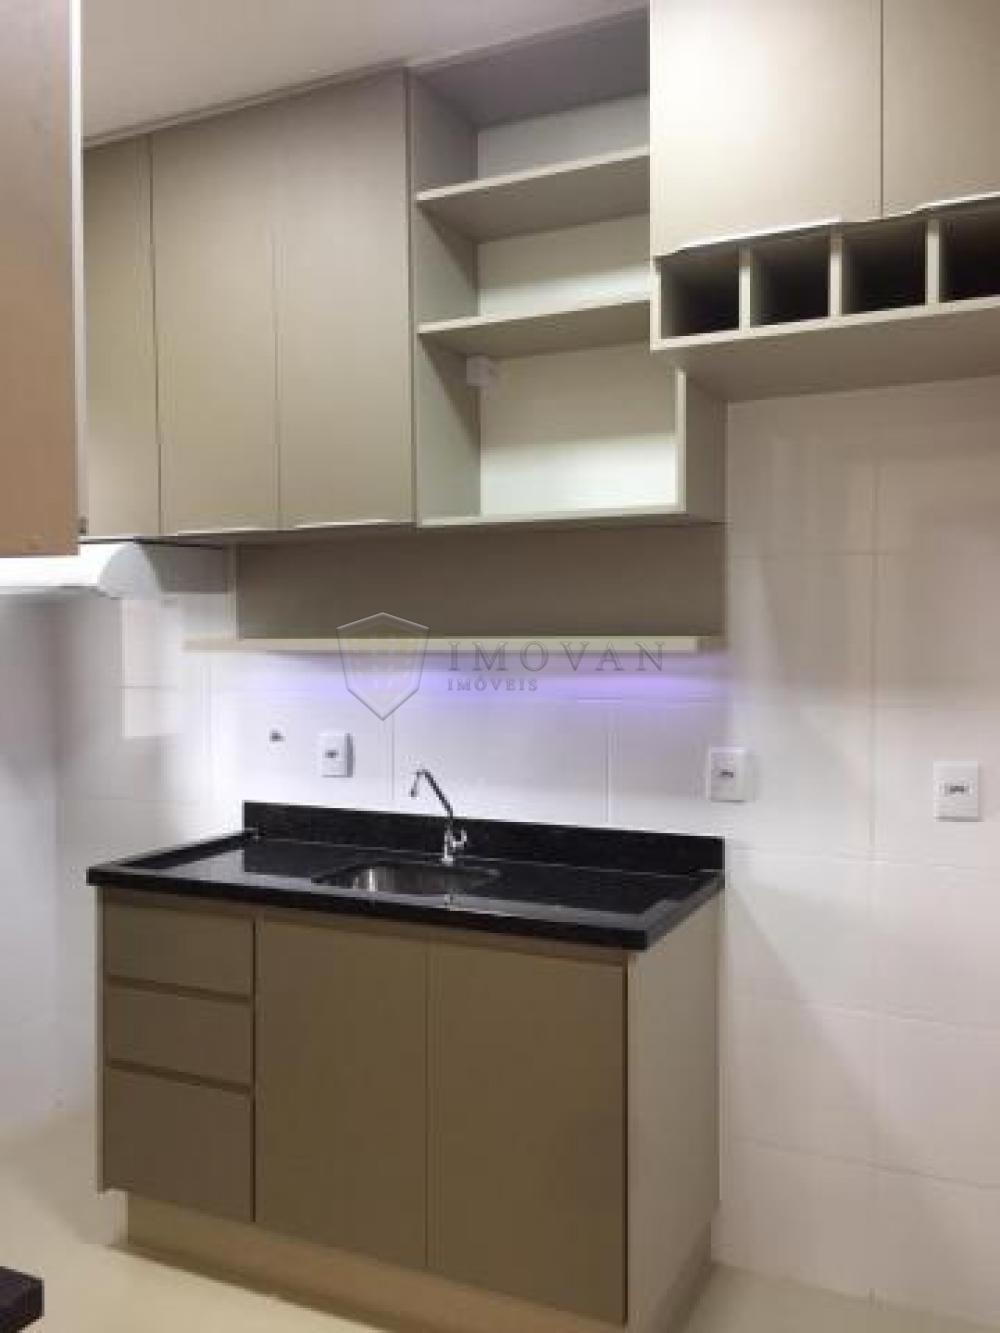 Comprar Apartamento / Padrão em Ribeirão Preto R$ 440.000,00 - Foto 6